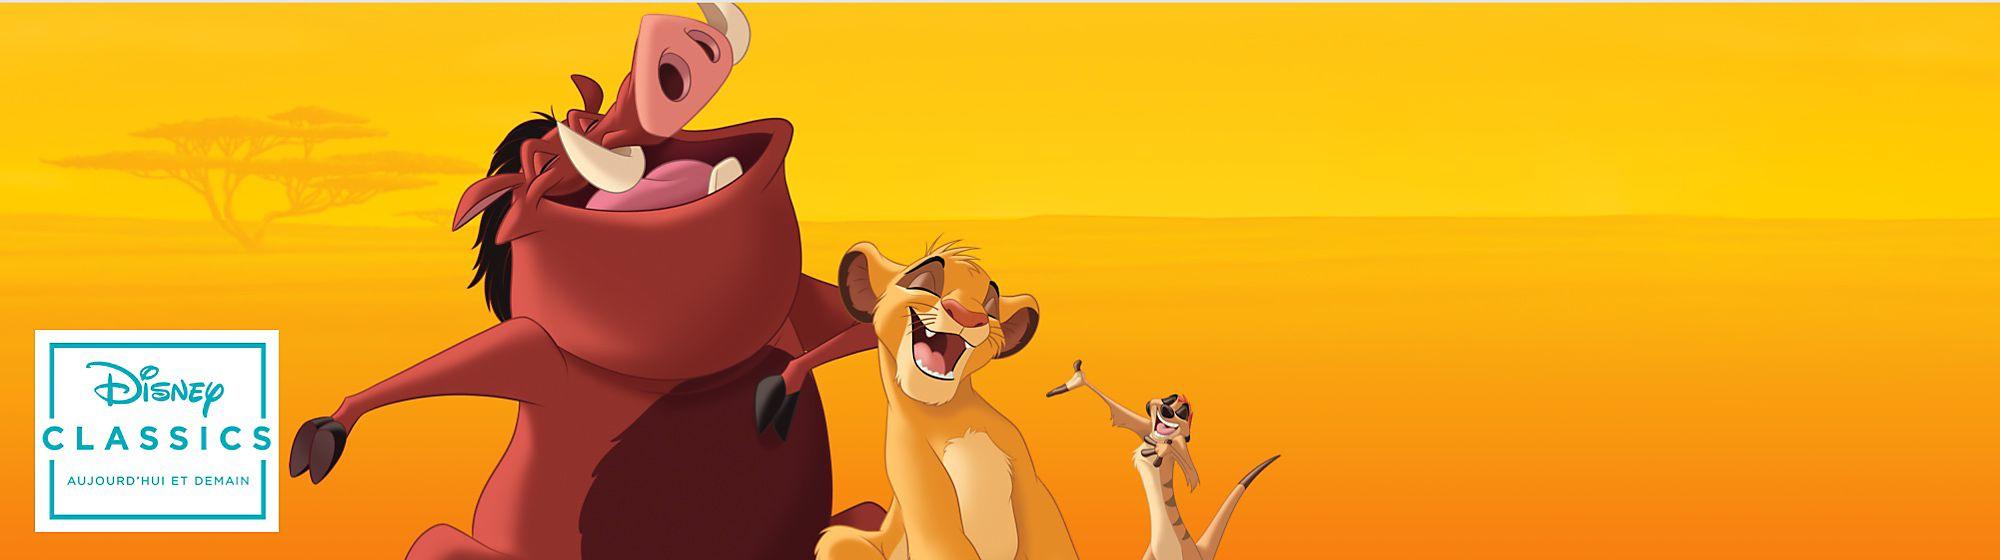 Le Roi Lion Dans la savane, Simba, le Roi Lion veille sur les animaux sauvages et protège son territoire avec Timon, Pumbaa ou encore Nala.